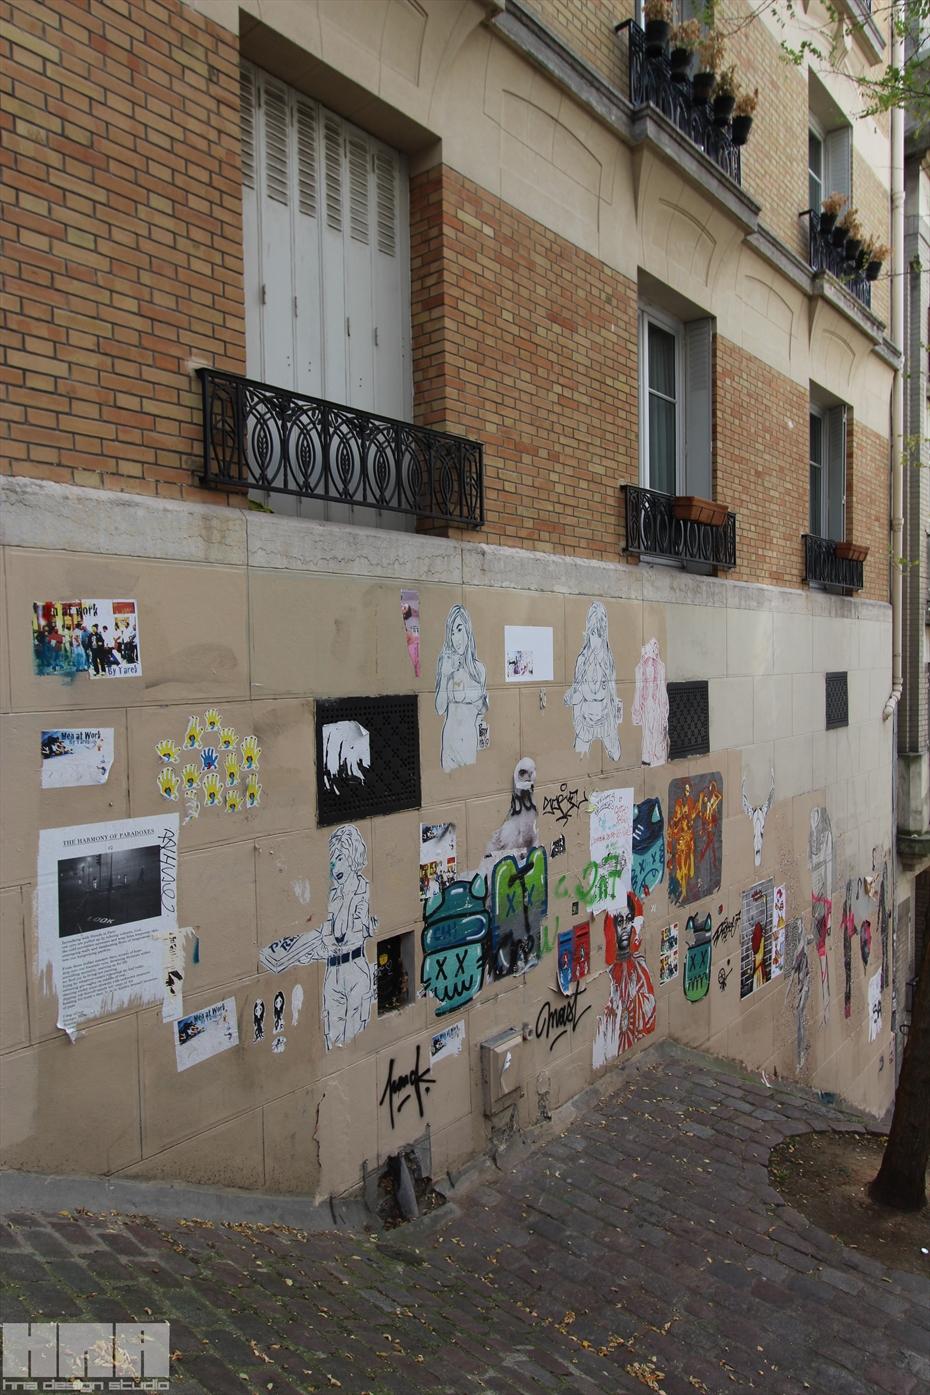 parizs street art 9